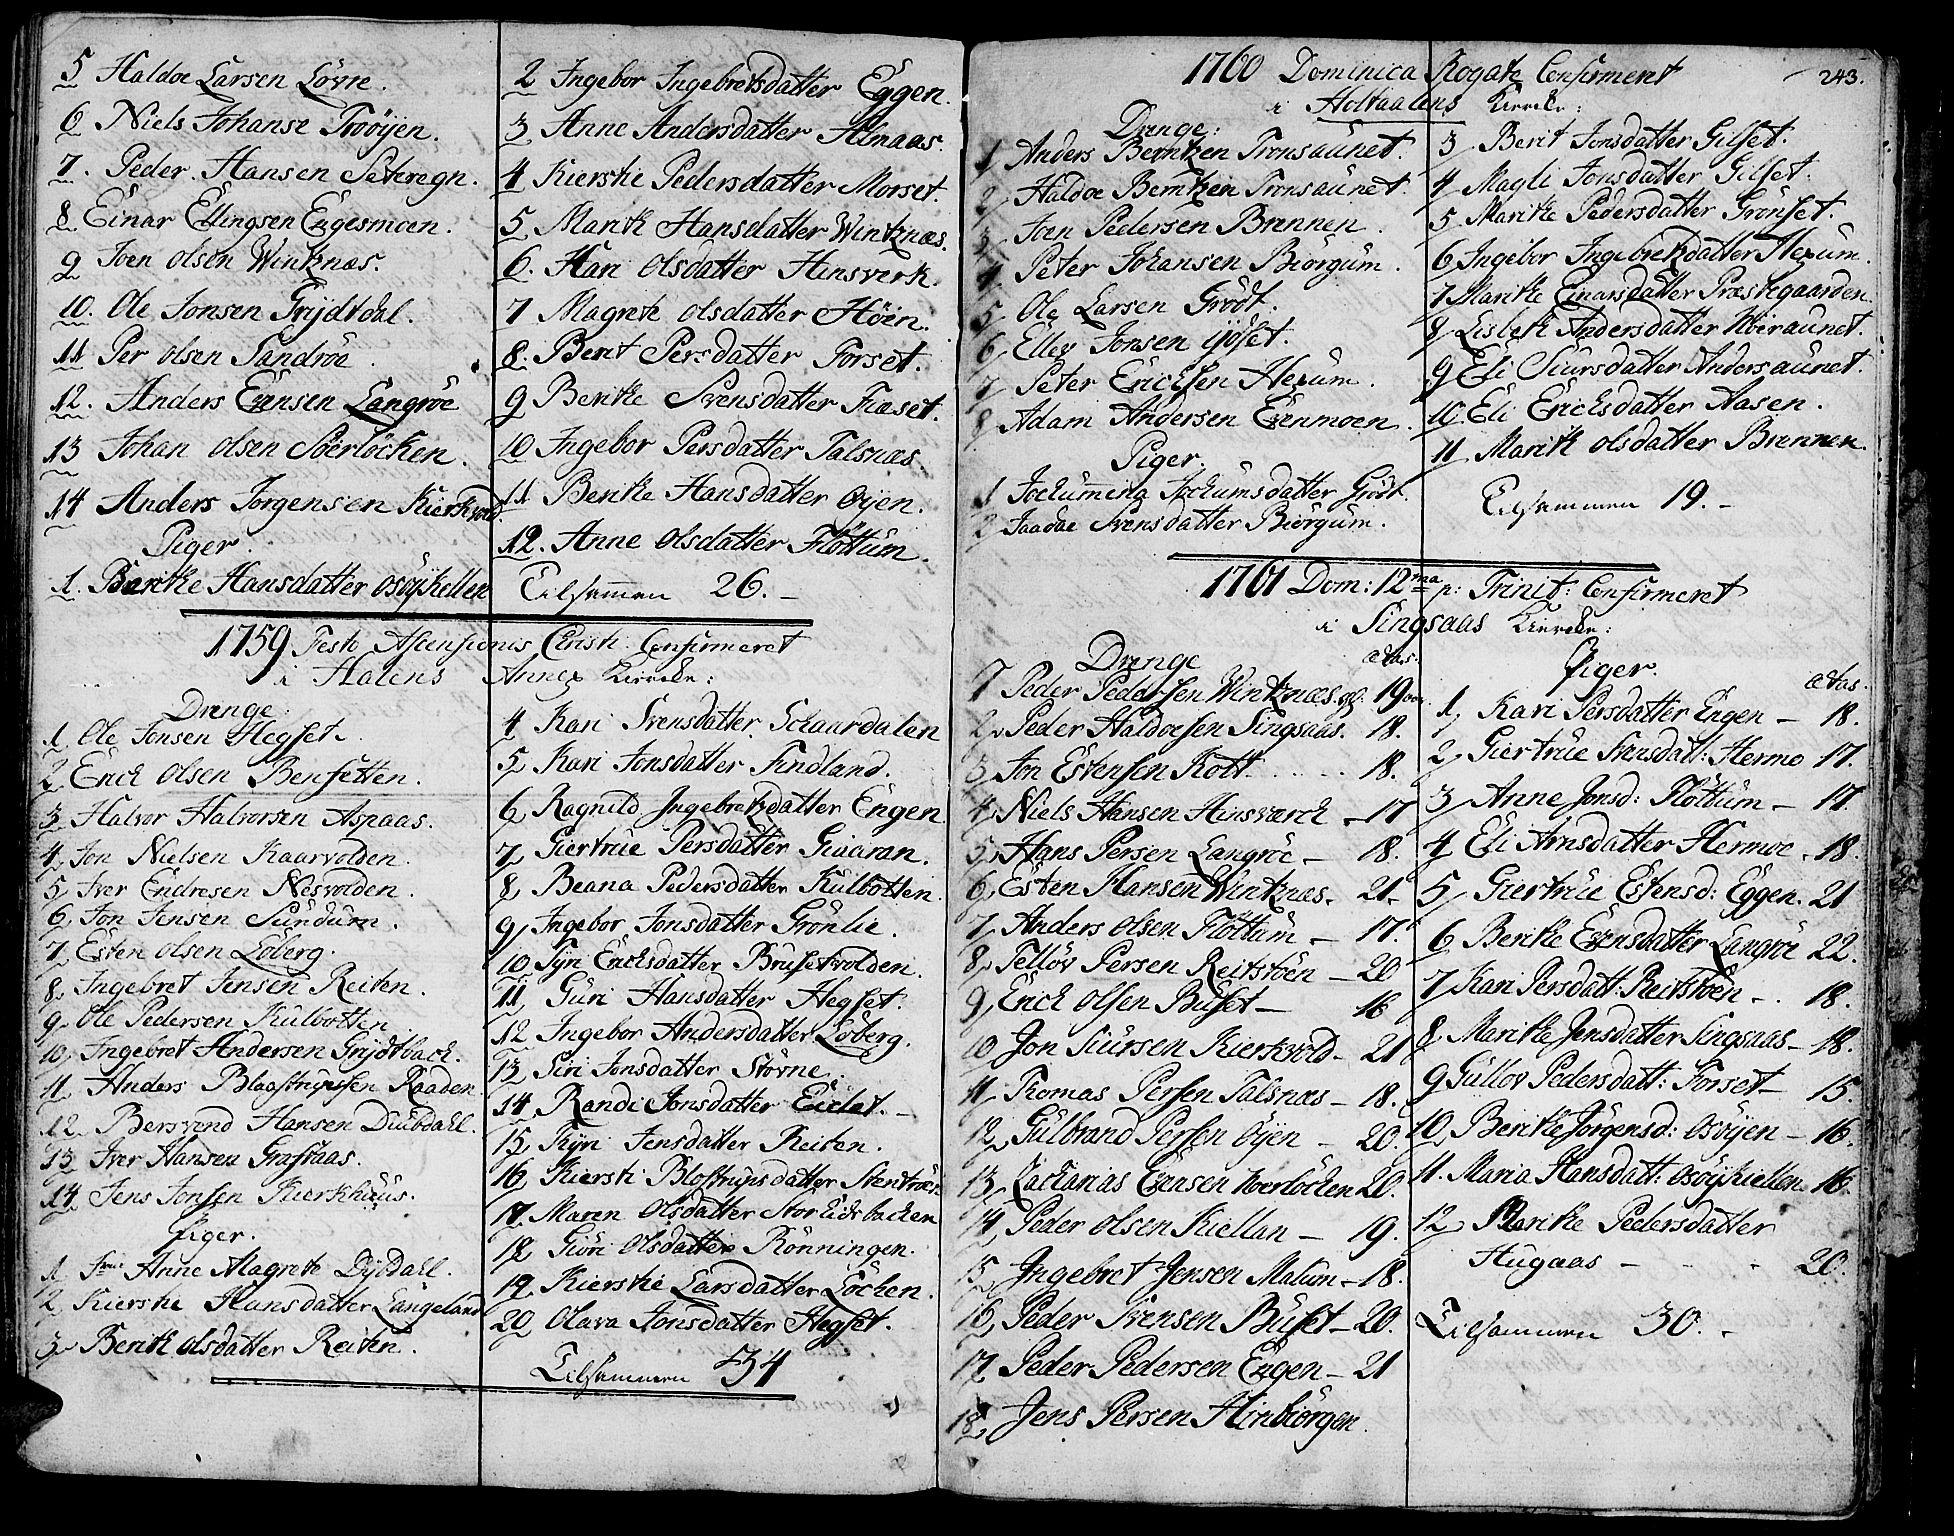 SAT, Ministerialprotokoller, klokkerbøker og fødselsregistre - Sør-Trøndelag, 685/L0952: Ministerialbok nr. 685A01, 1745-1804, s. 243